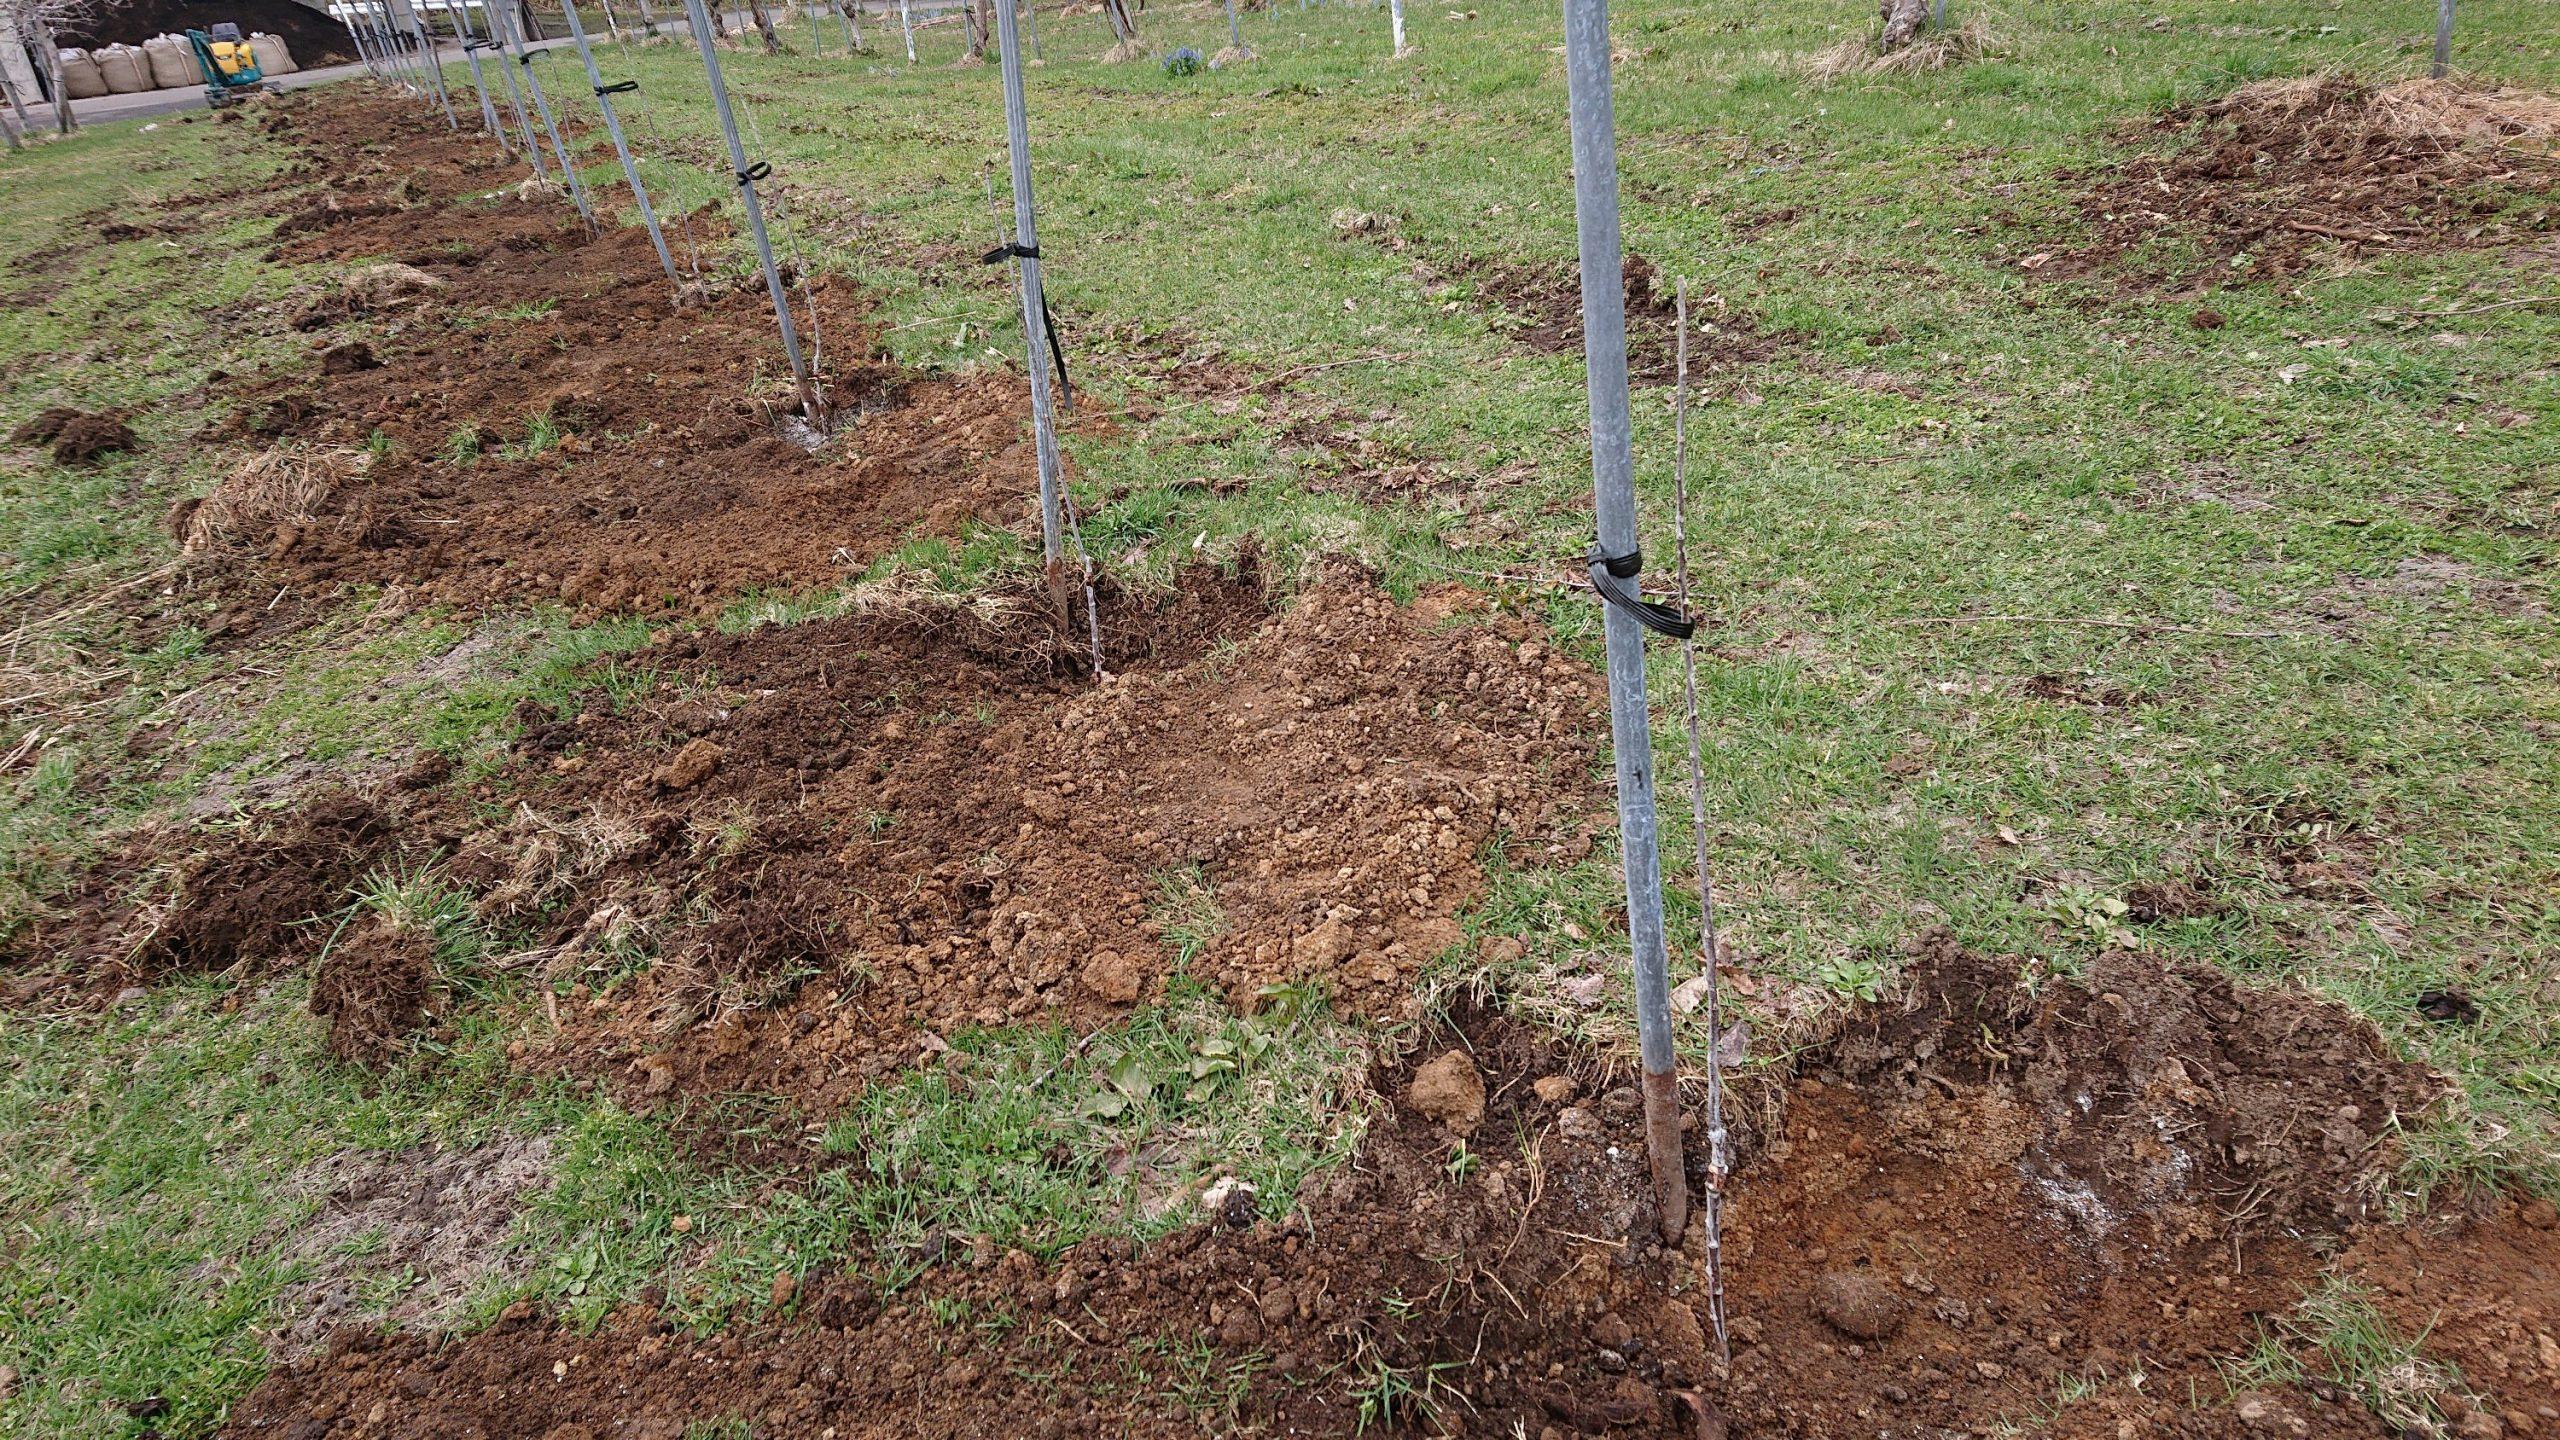 リンゴの苗木の植え付け